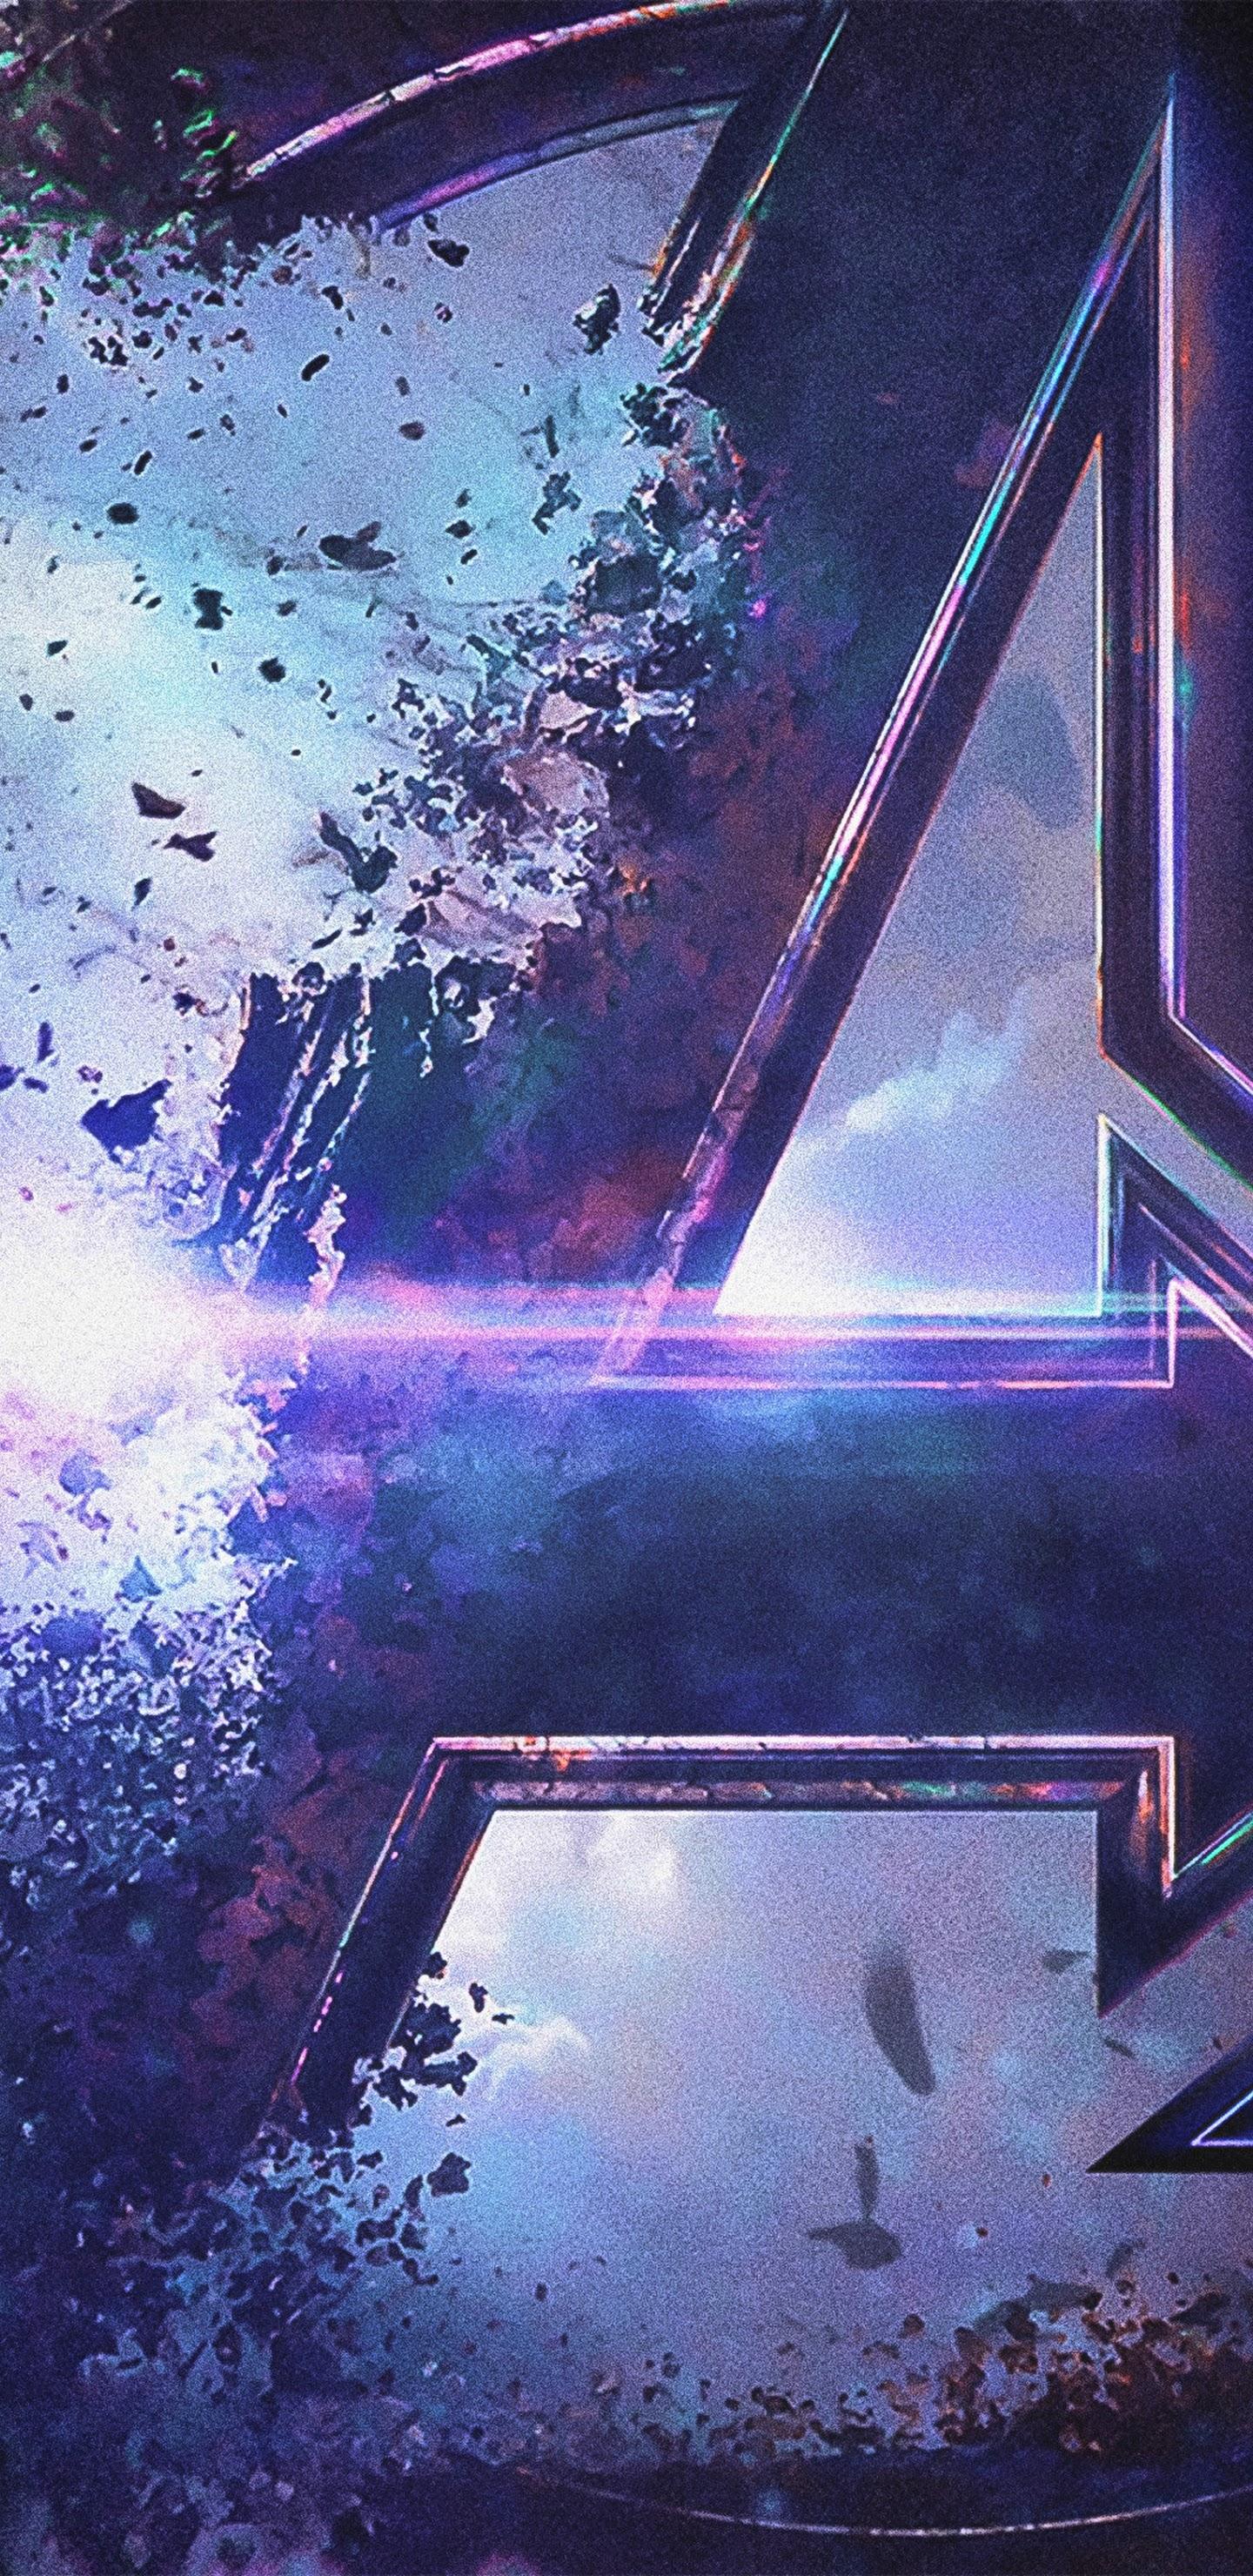 Avengers Endgame Logo 4k Wallpaper 67